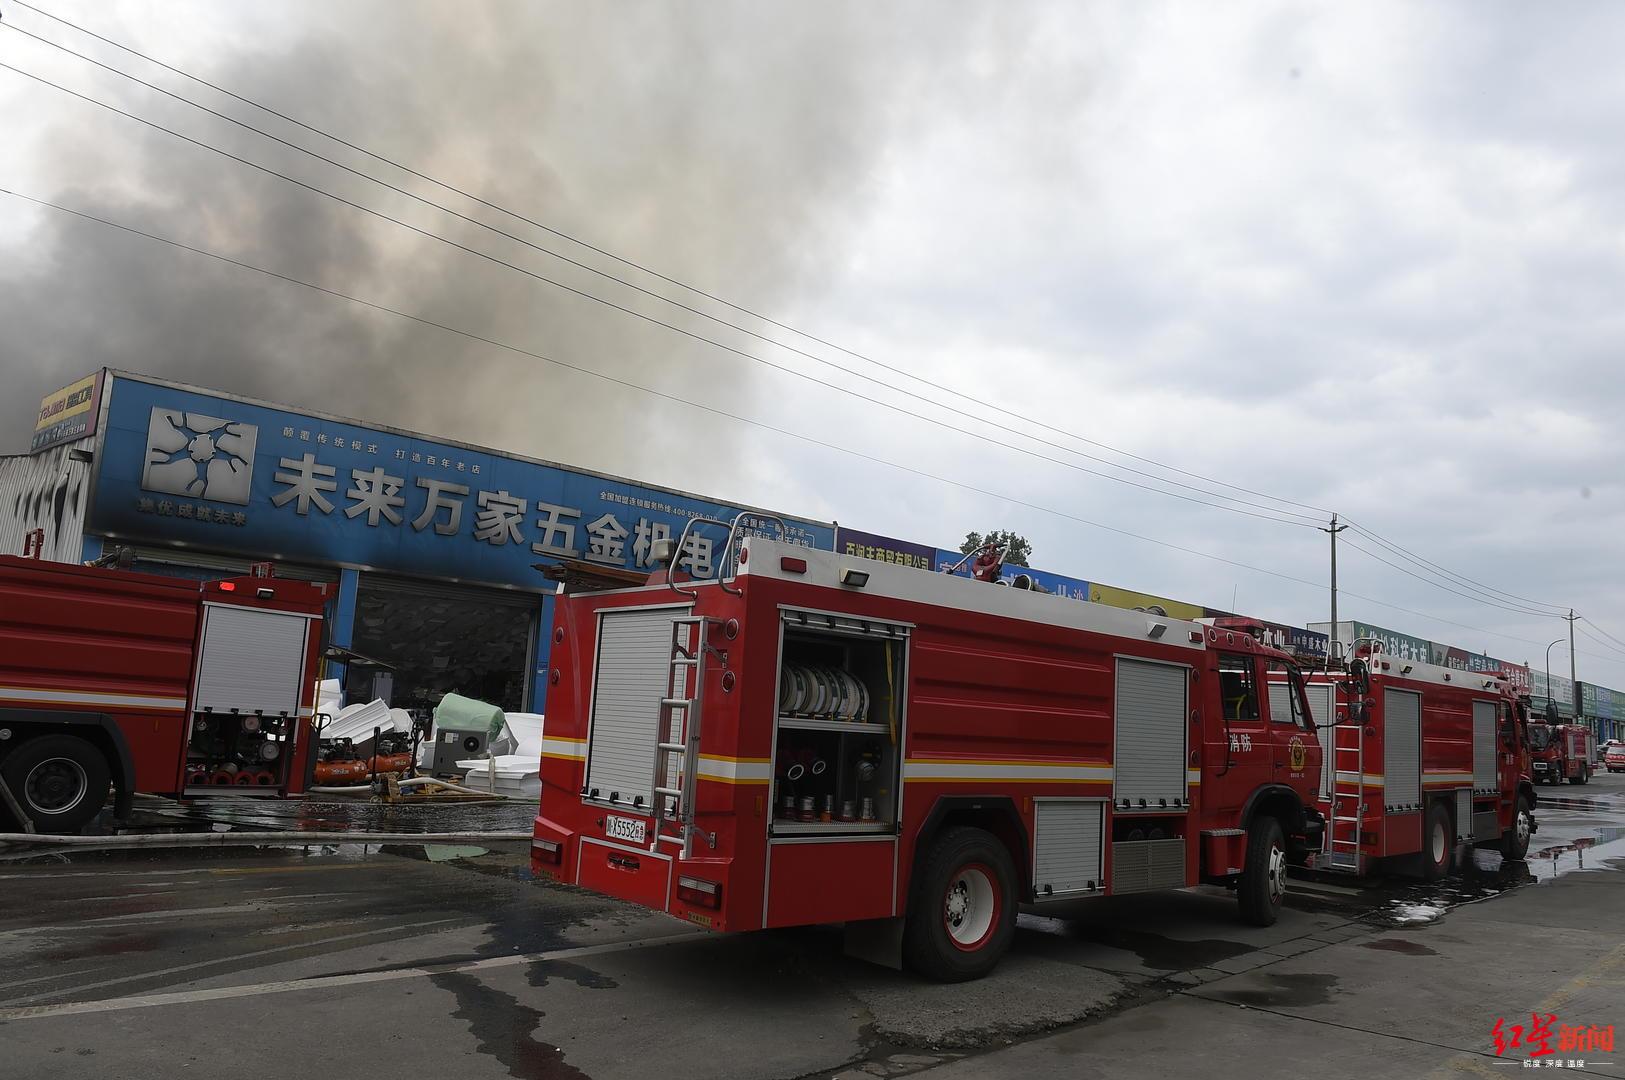 成都新都区一家居材料商场突发火灾,现场浓烟滚滚